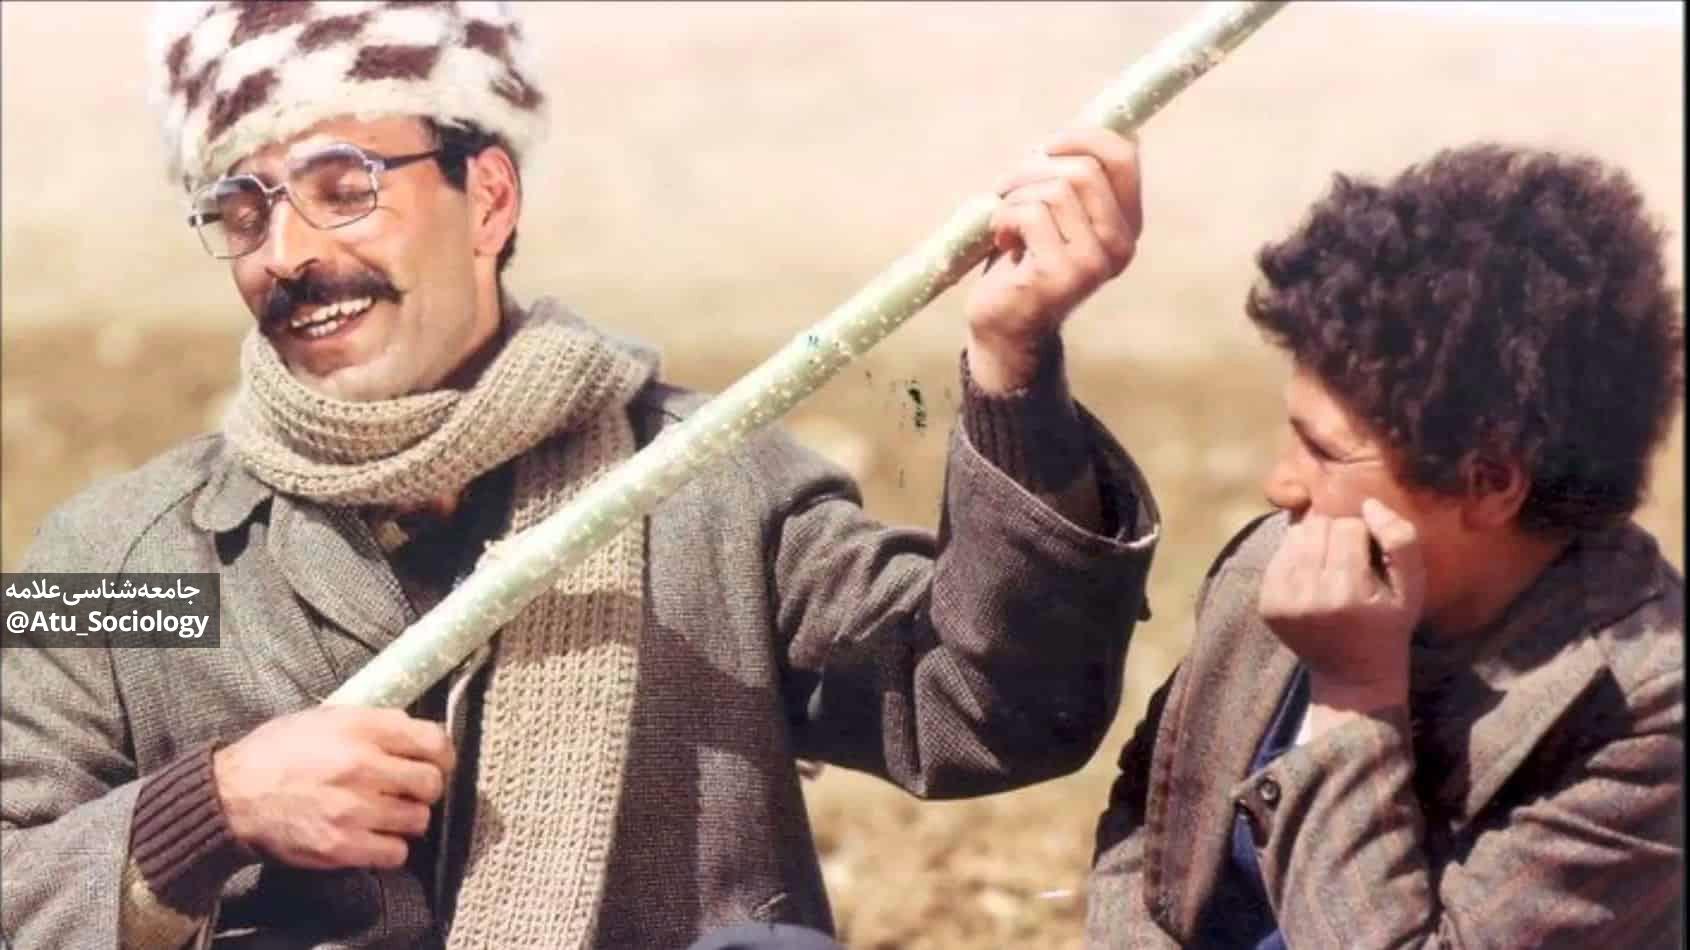 سلام بر عمو صمد (در سوگ صمد بهرنگی)